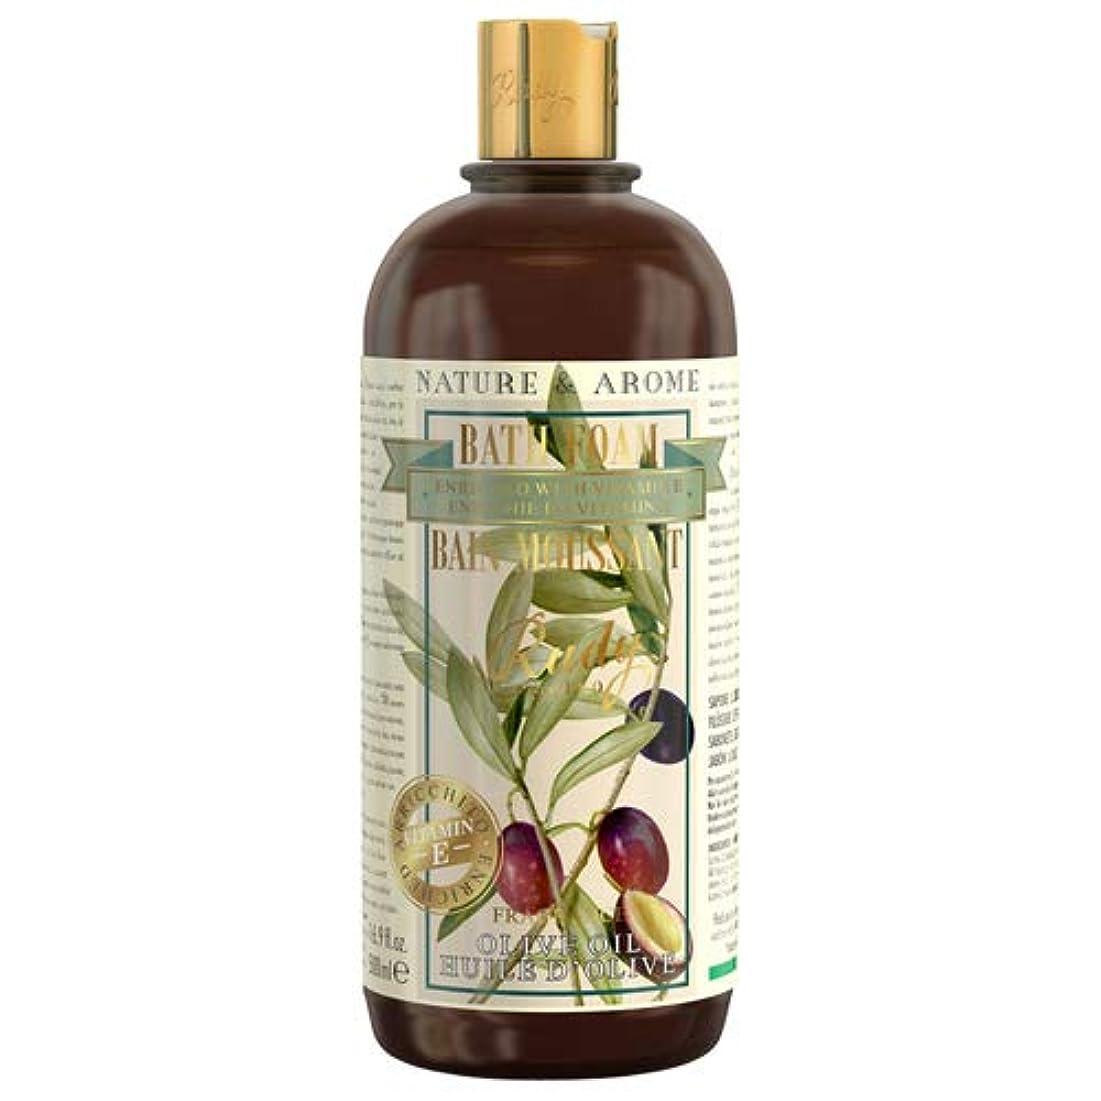 ヘルメットグラマー甘やかすルディ(Rudy) RUDY Nature&Arome Apothecary ネイチャーアロマ アポセカリー Bath & Shower Gel バス&シャワージェル Olive Oil オリーブオイル